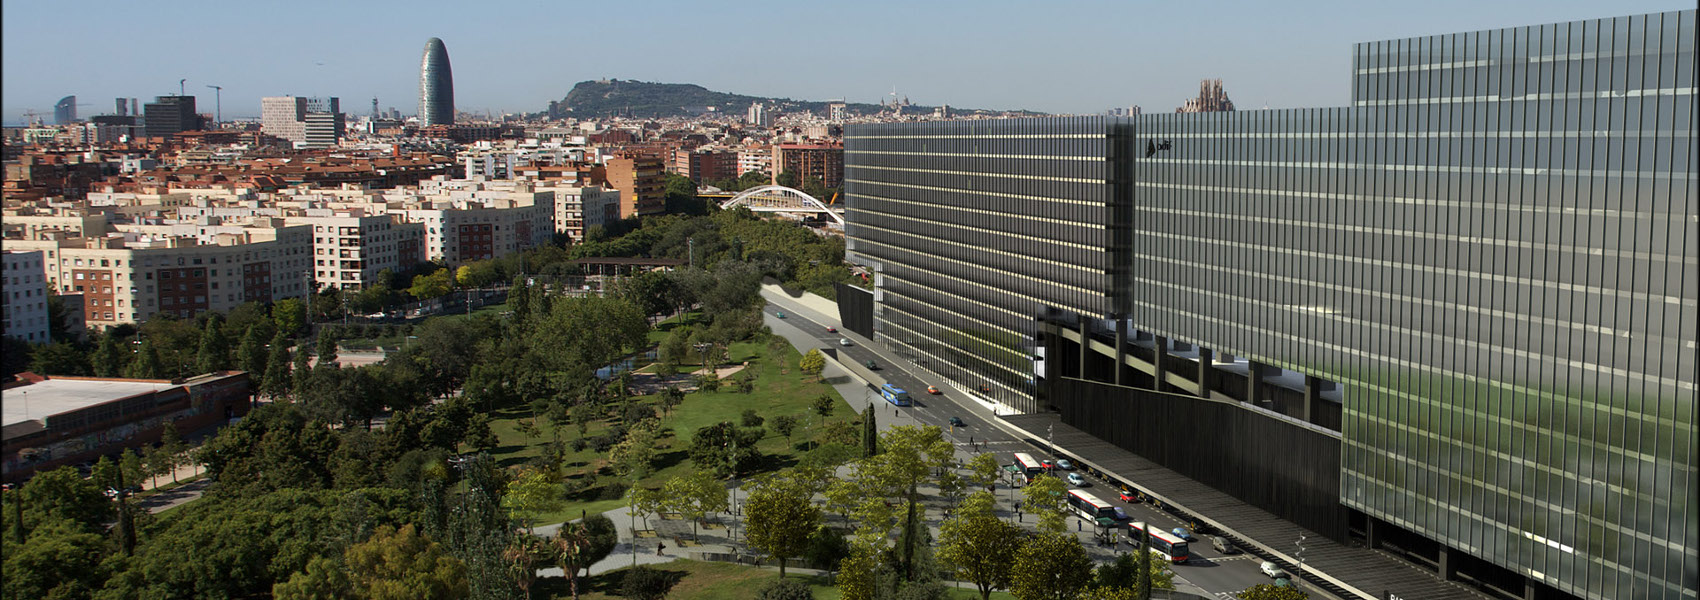 Cerrajero Sant Andreu - Cerrajeros 24h Sant Andreu, Cerrajero Sant Andreu